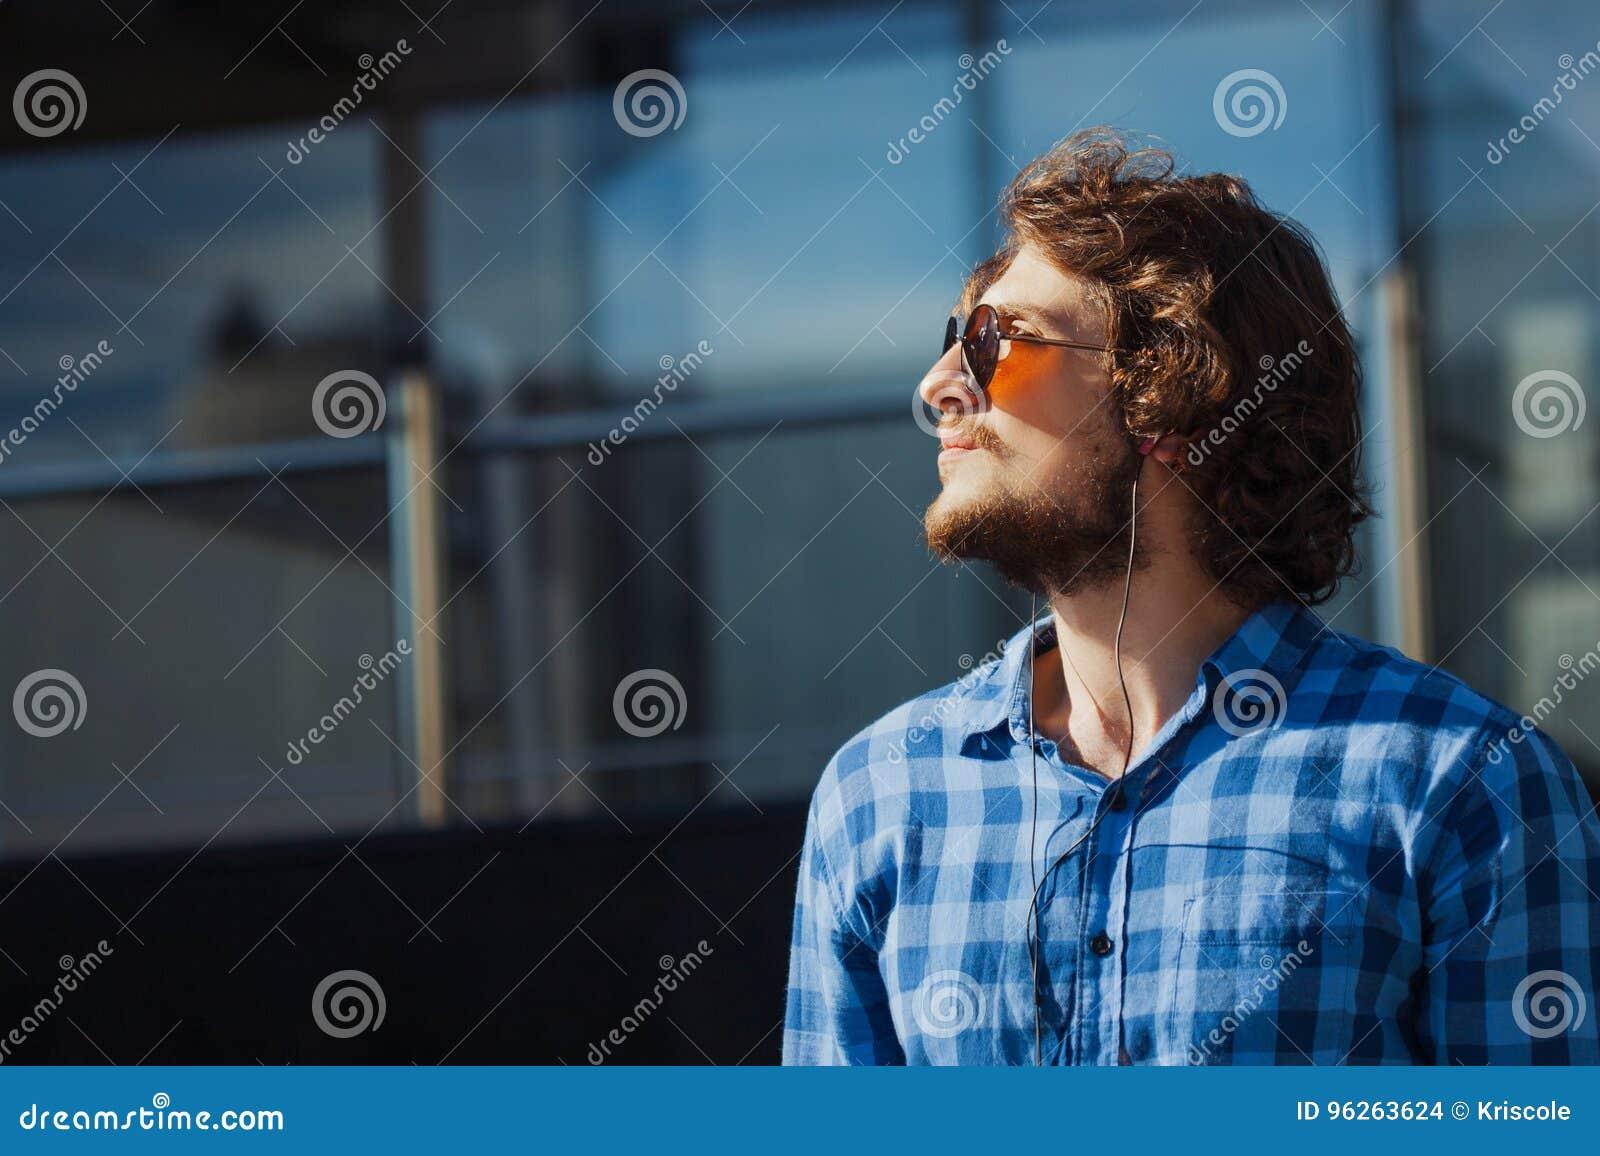 Profilo Di Un Tipo Barbuto Con Gli Occhiali Da Sole Ritratto